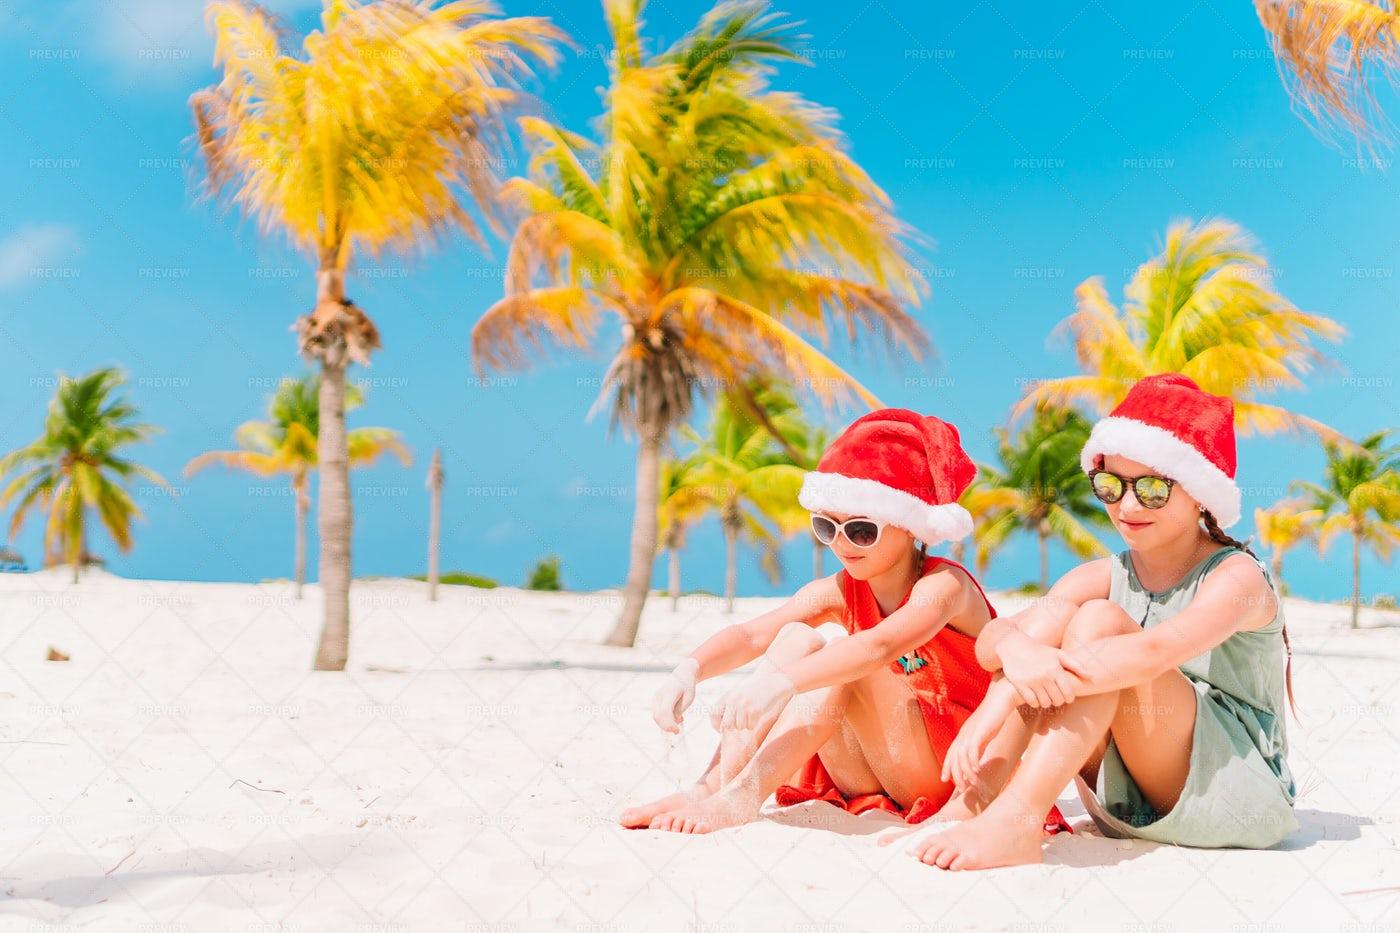 Santa Girls On The Beach: Stock Photos